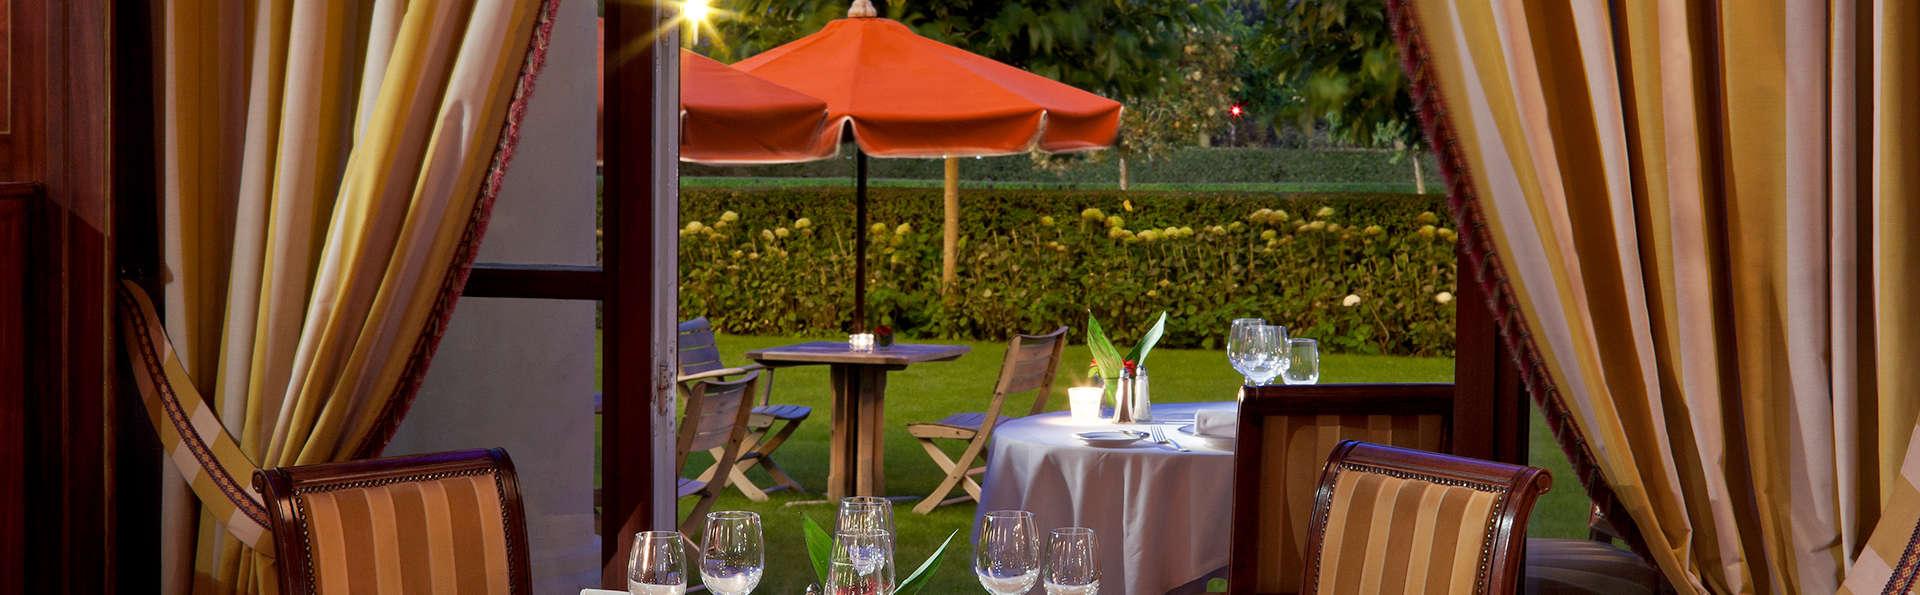 Hôtel Barrière Le Royal Deauville - EDIT_restaurant1.jpg